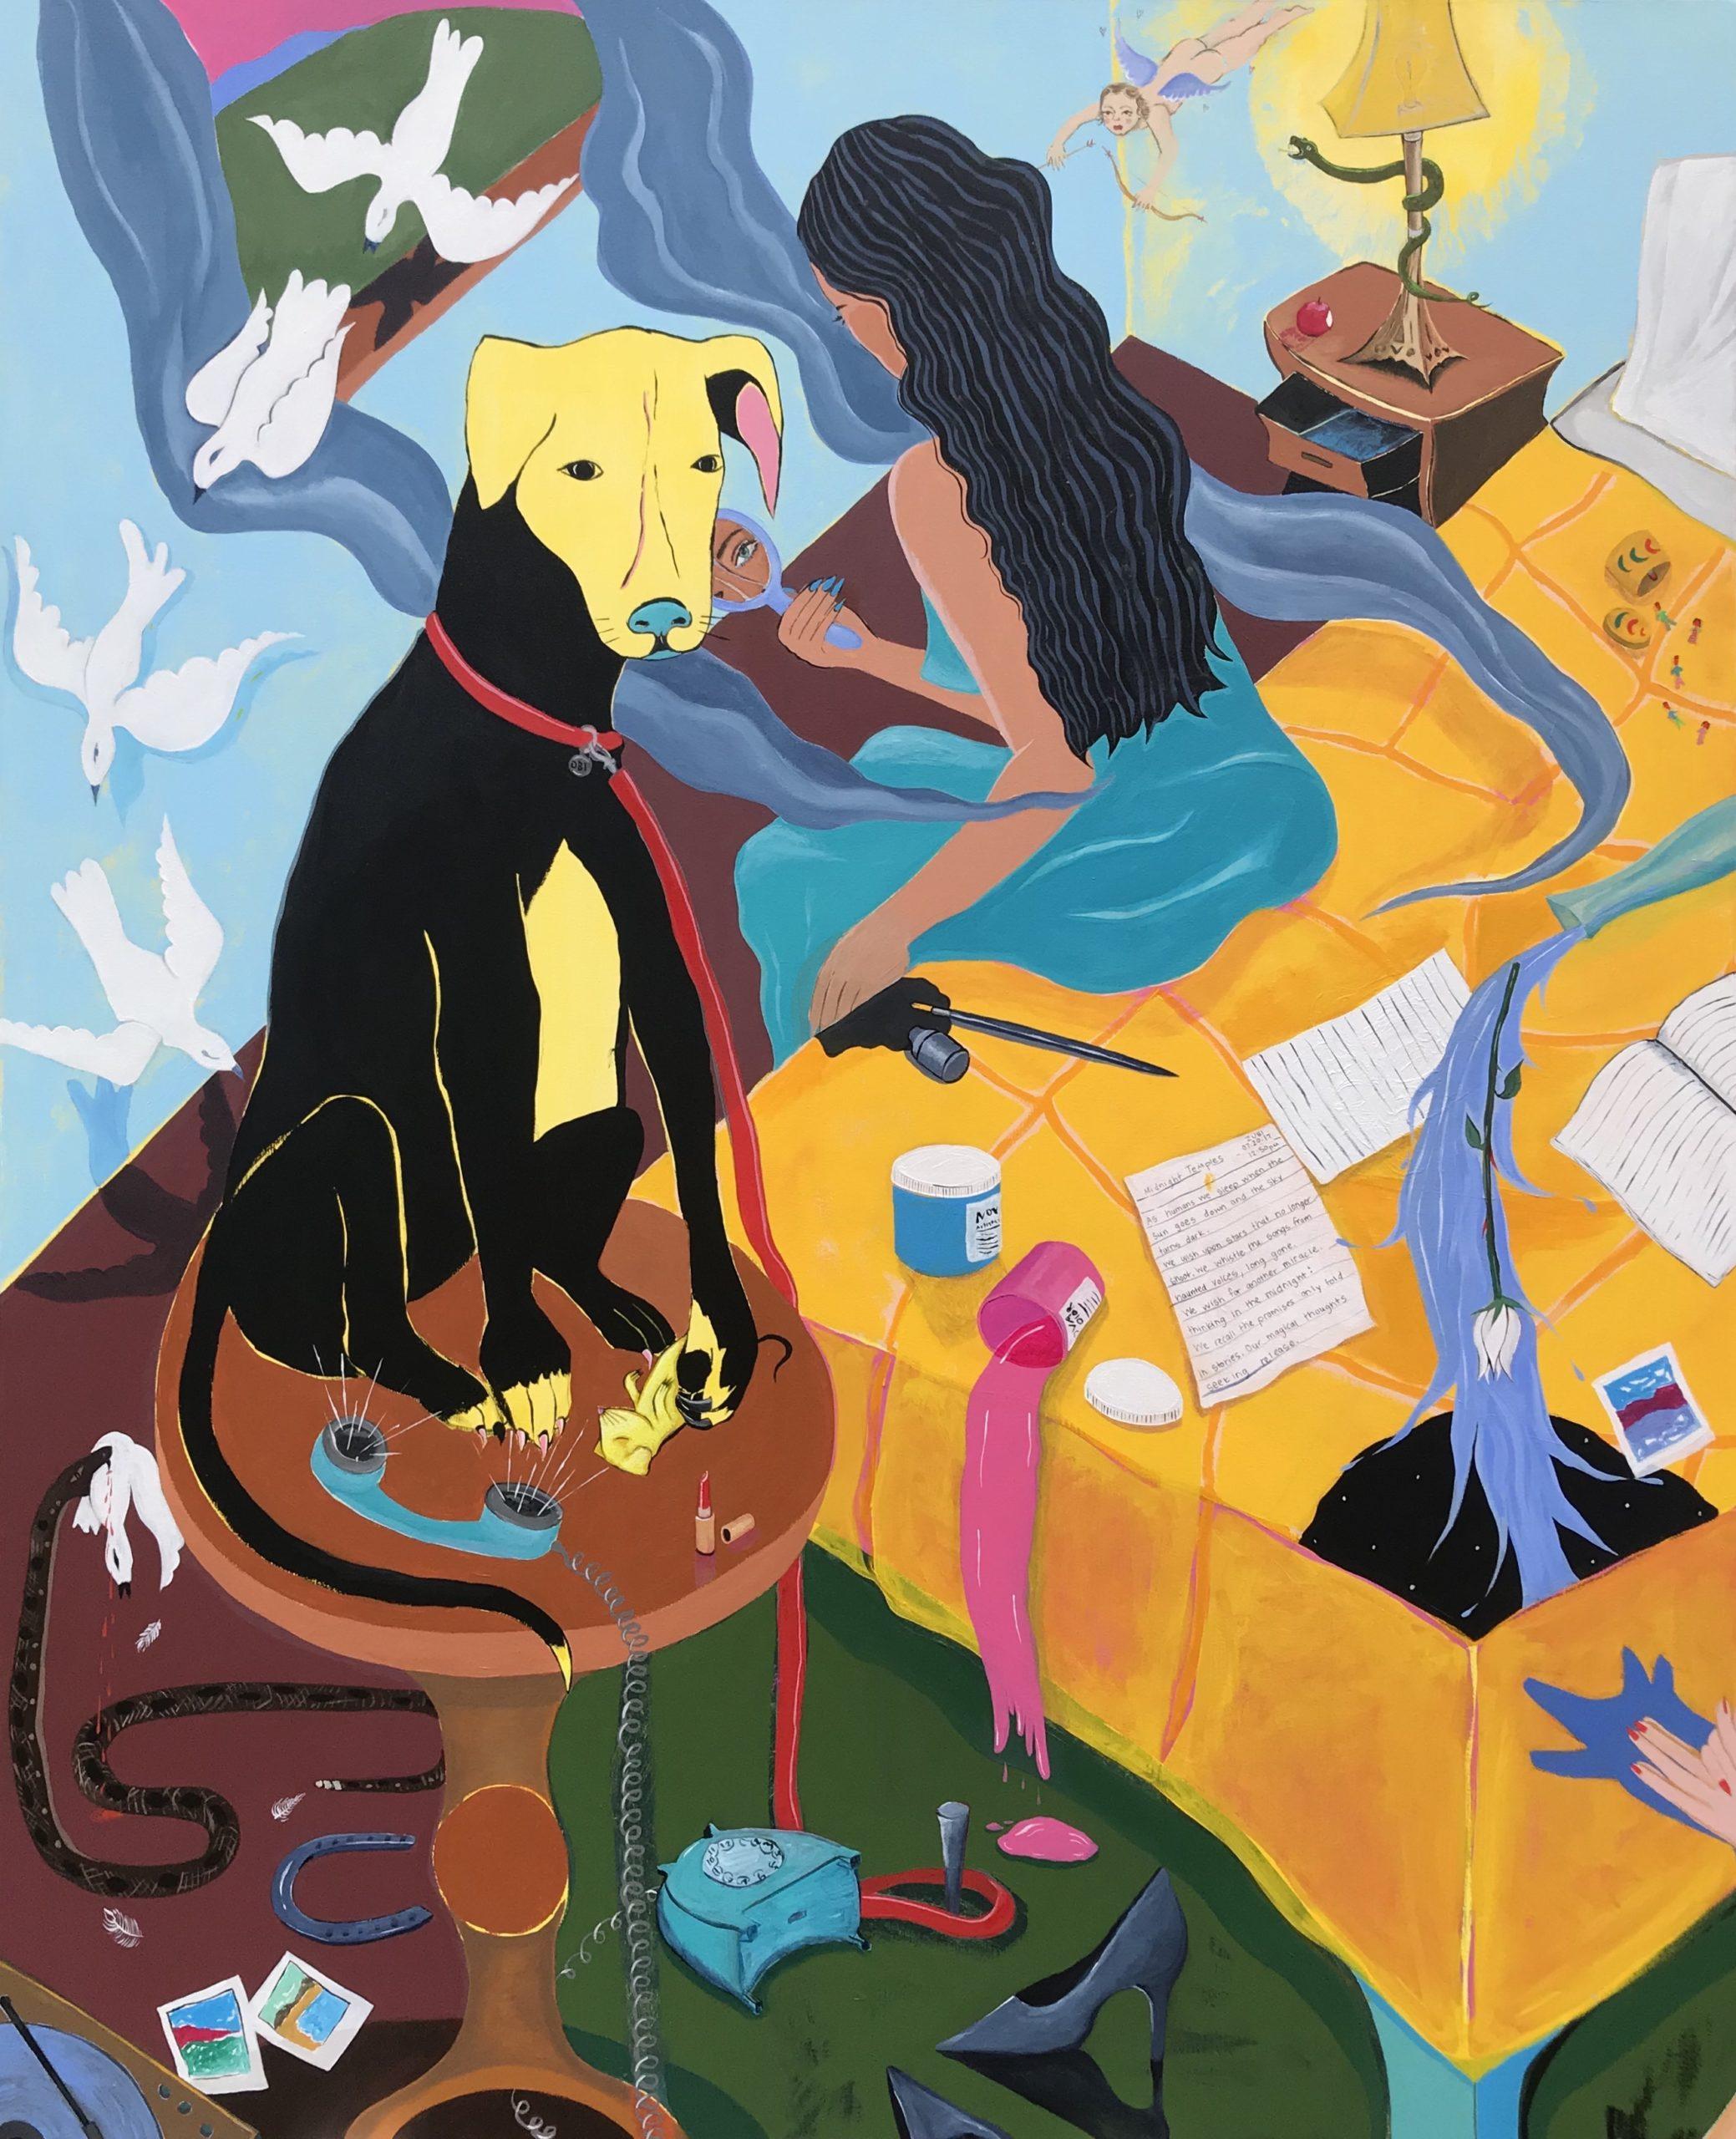 Sofia Zubi, Reflections, 2020, 51.5x64in., Acrylic